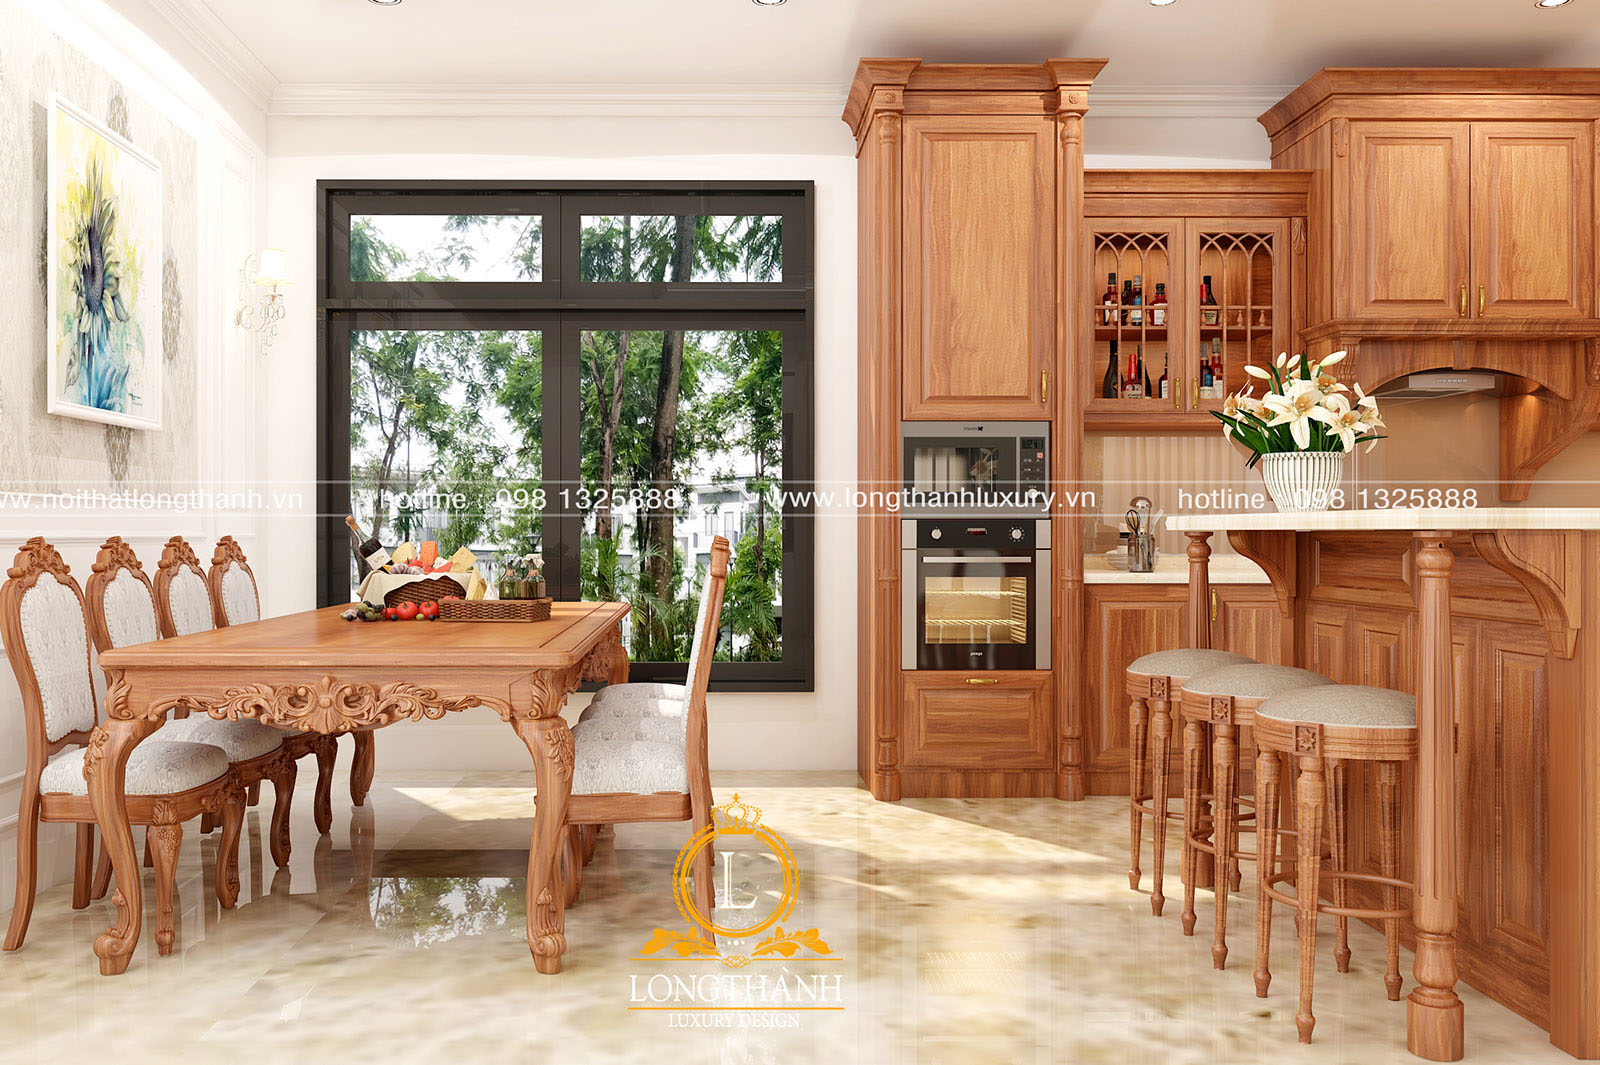 Tổng thể không gian phòng bếp với nội thất gỗ Gõ đỏ tự nhiên